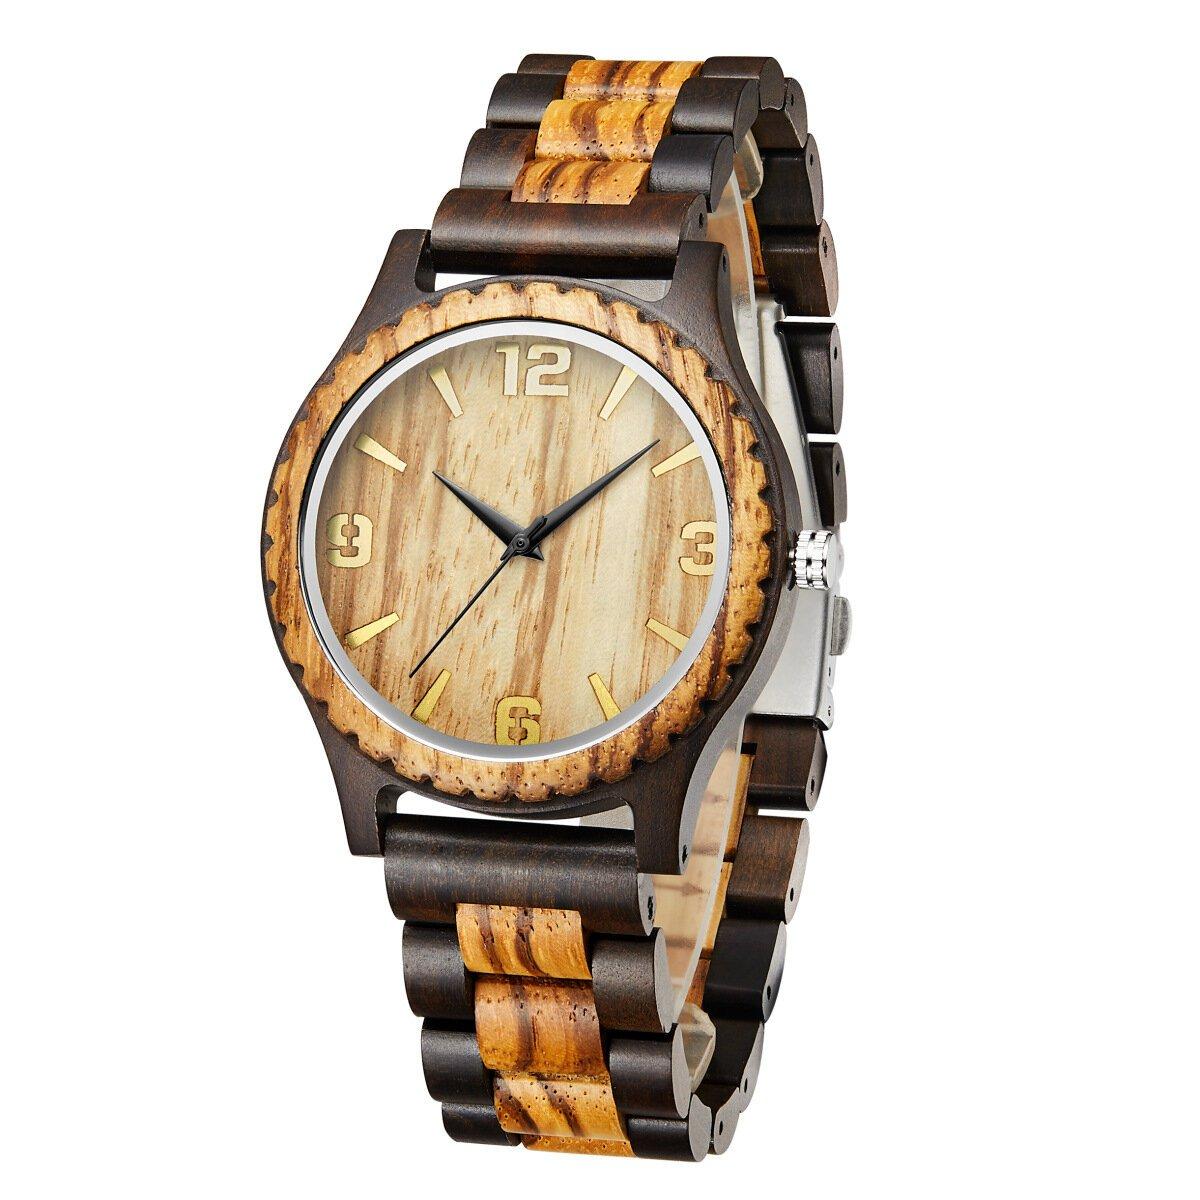 Mode houten horloge eenvoudige wijzerplaat Herenmode horloge quartz horloge